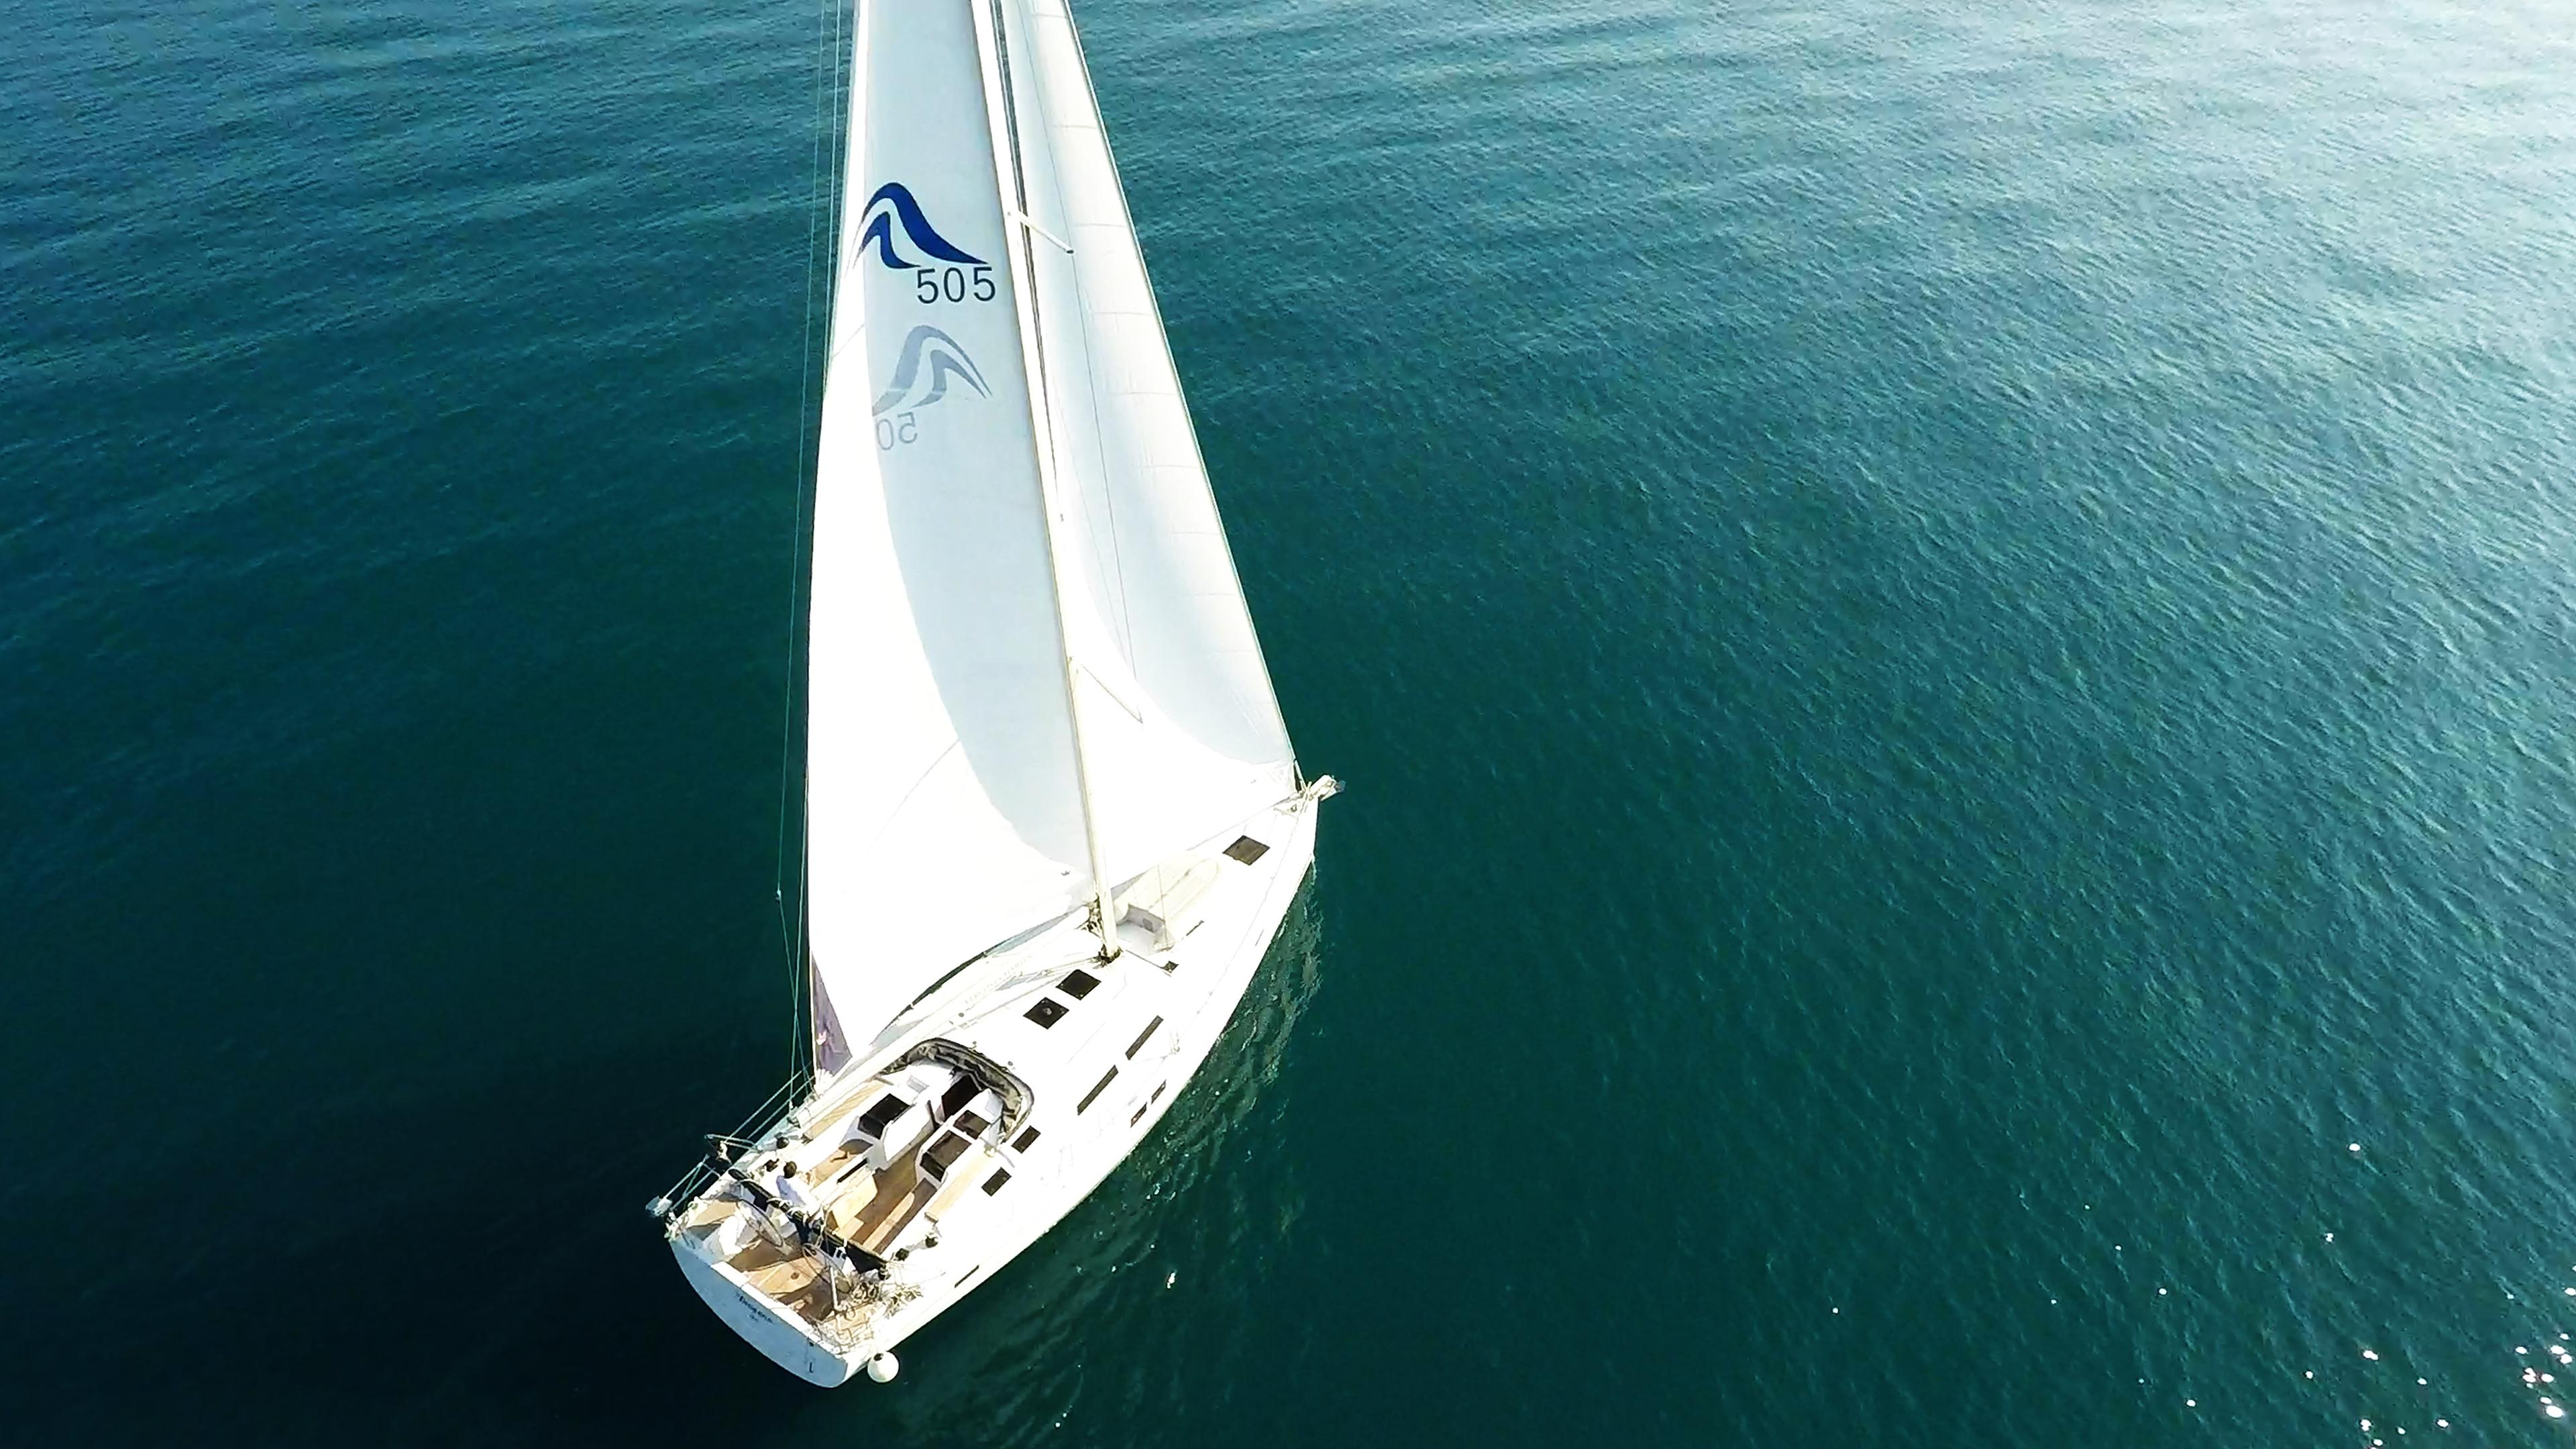 barcha a vela yacht a vela Hanse 505 aereo